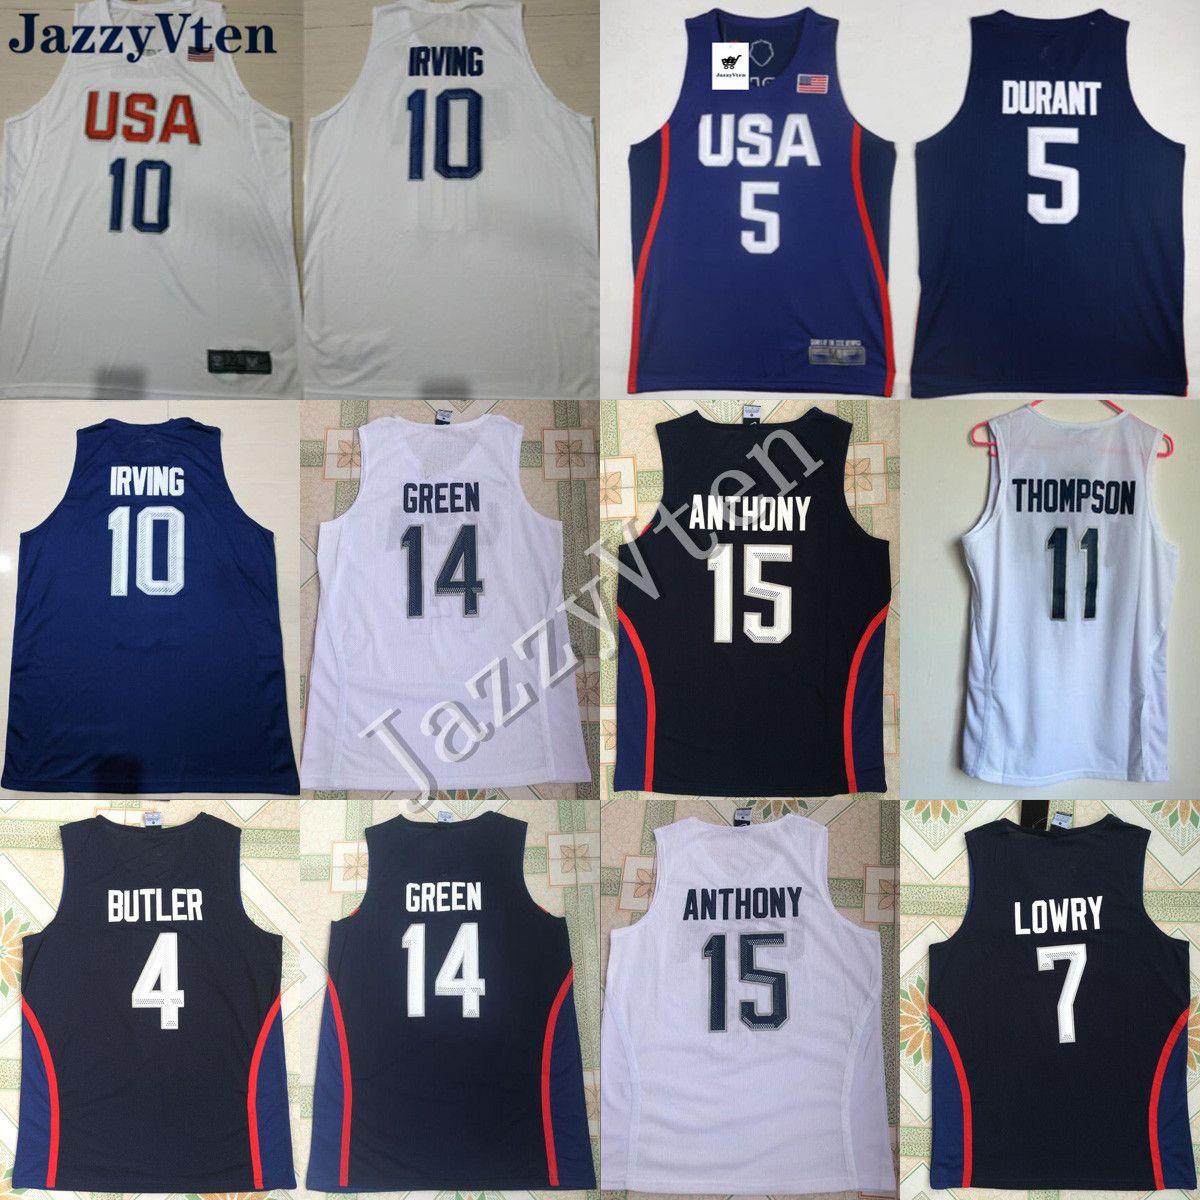 미국 팀 미국 농구 유니폼 리오 게임 George14 # 녹색 13 # 조지 7 # lowry 11 # 톰슨 10 # Irving 5 # Kevin Durant 4 # 집사